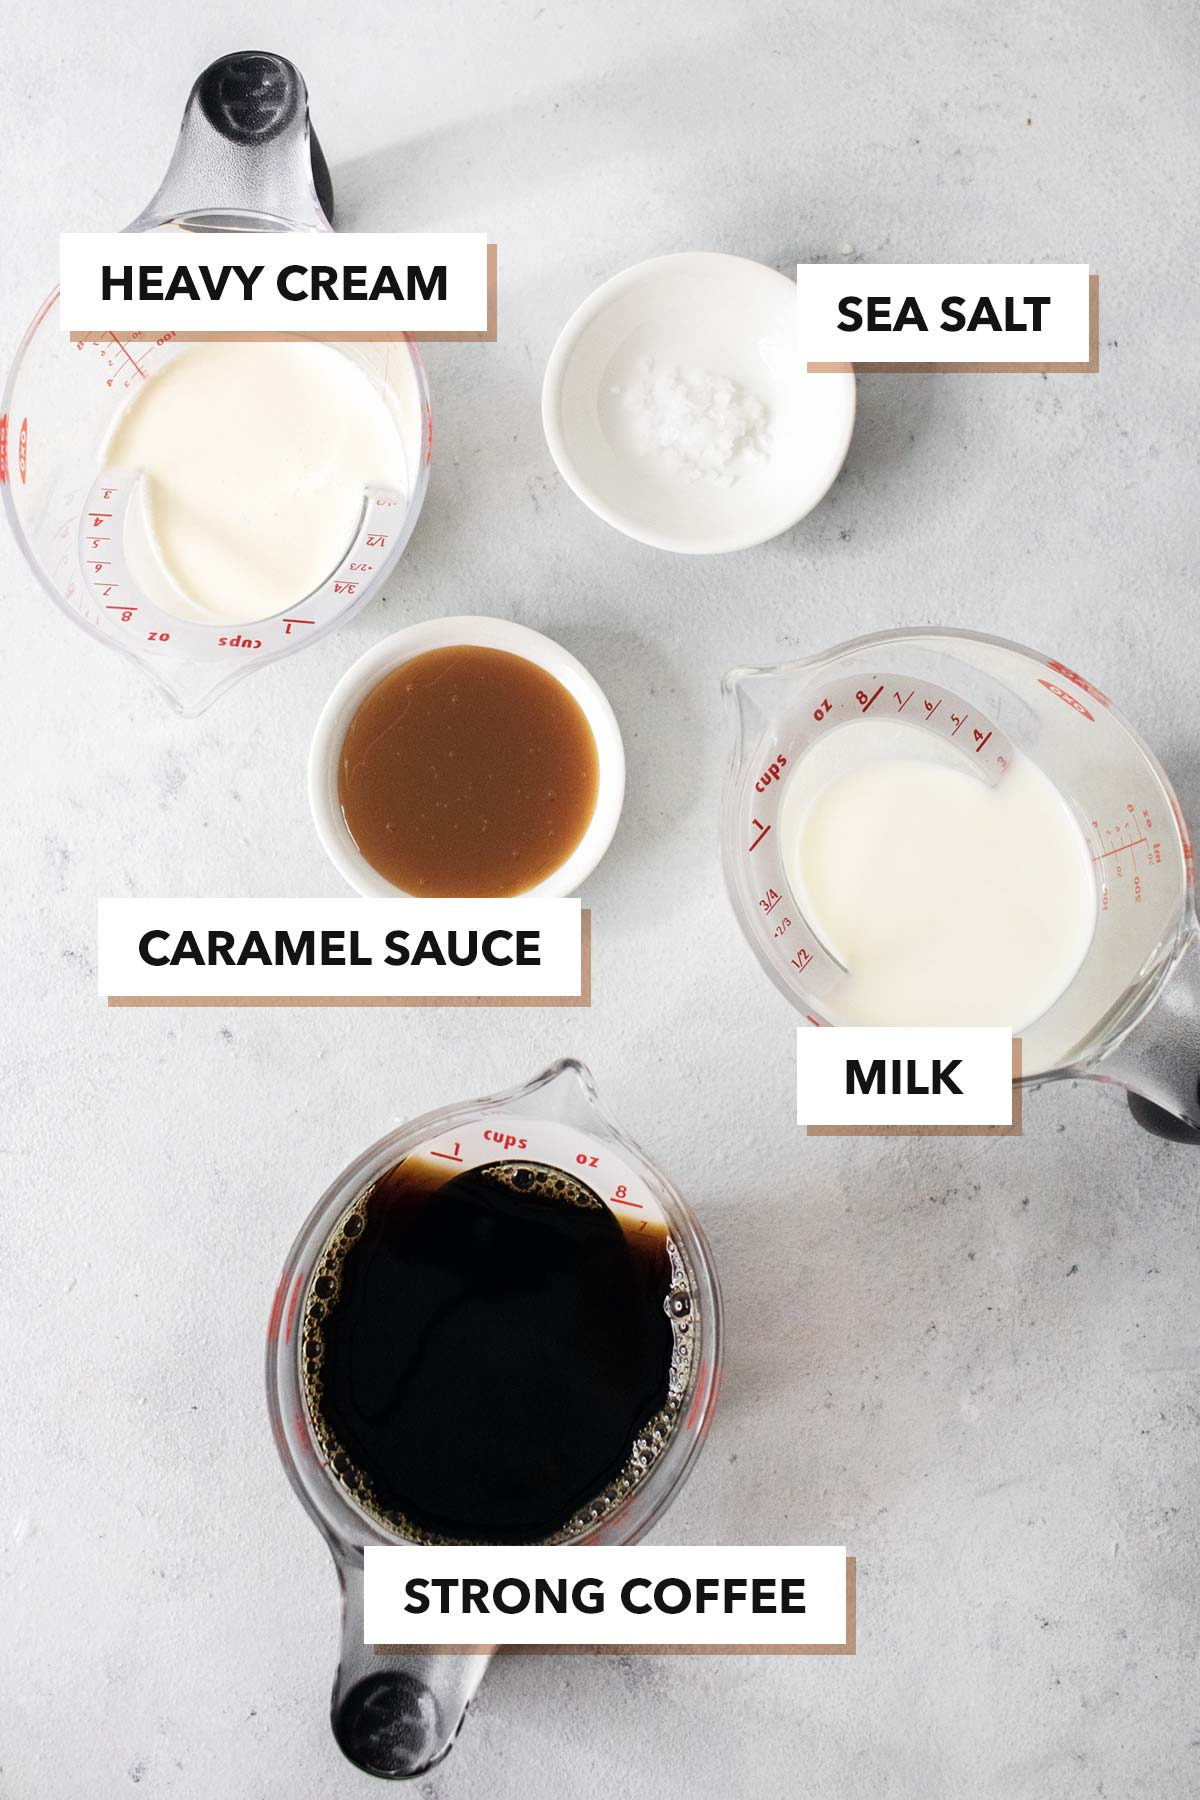 Salted caramel ingredients.